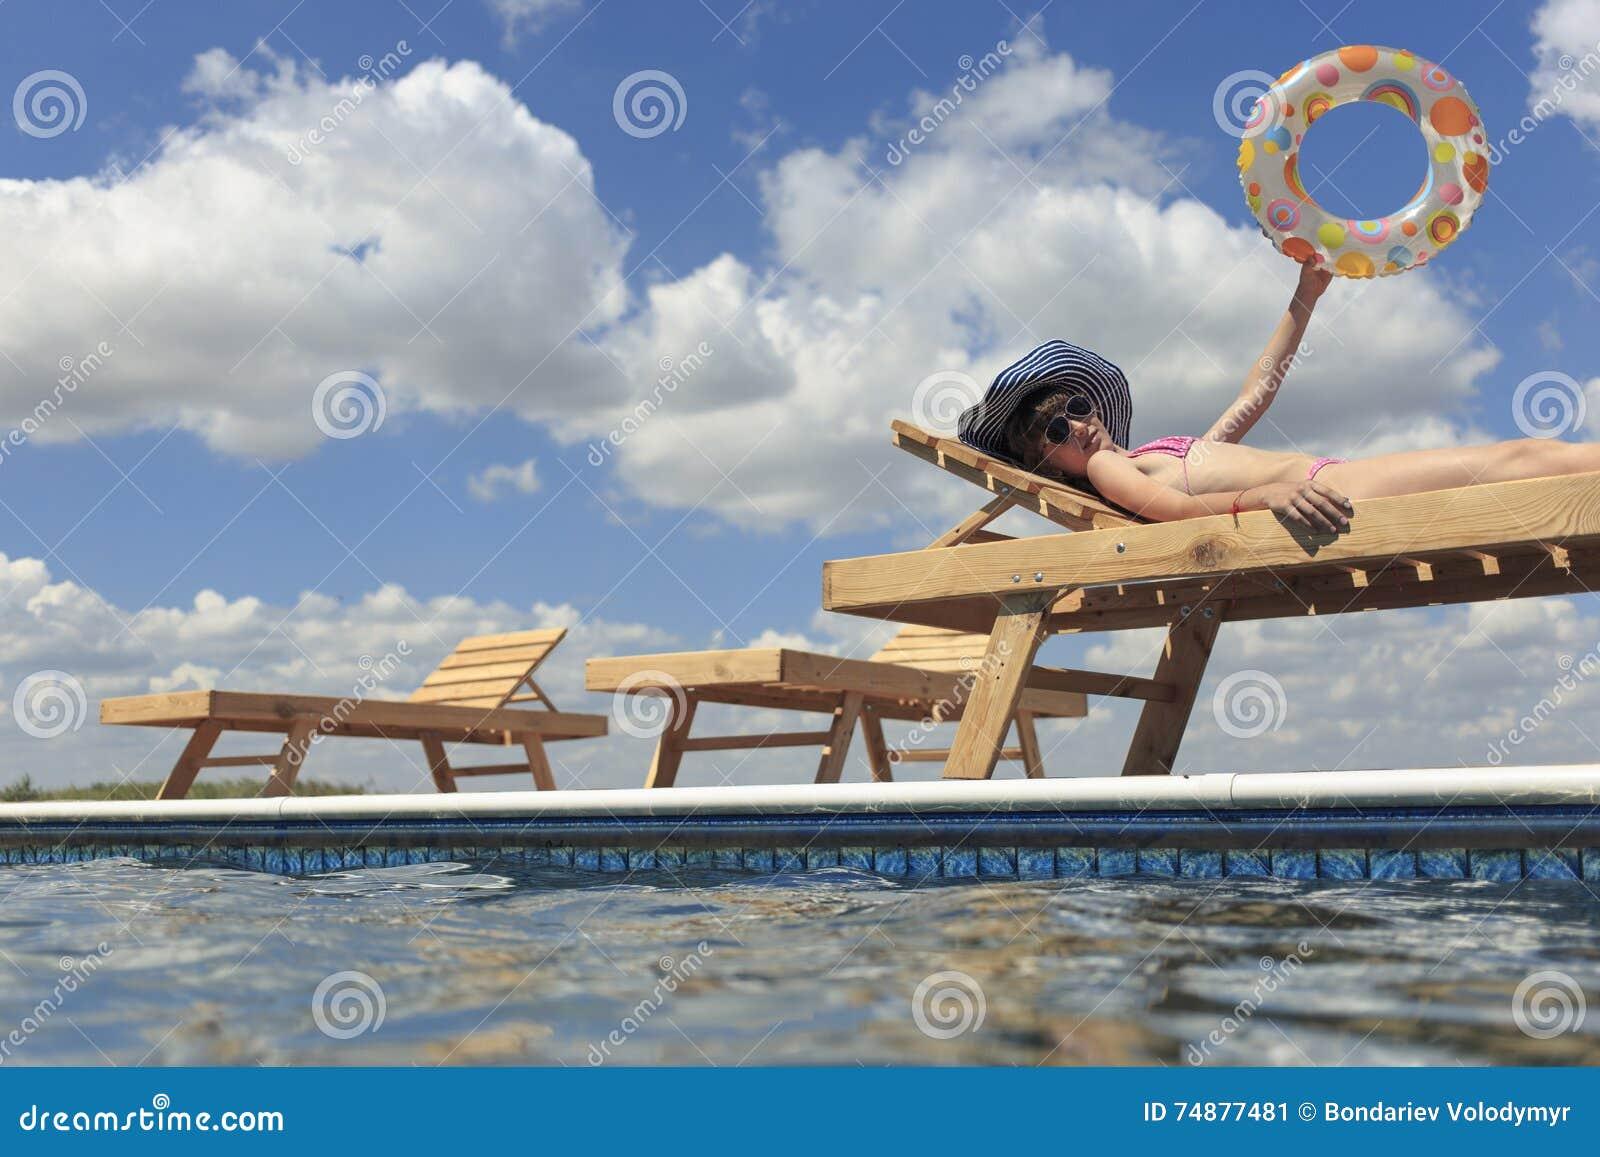 Crianças felizes na praia durante o verão